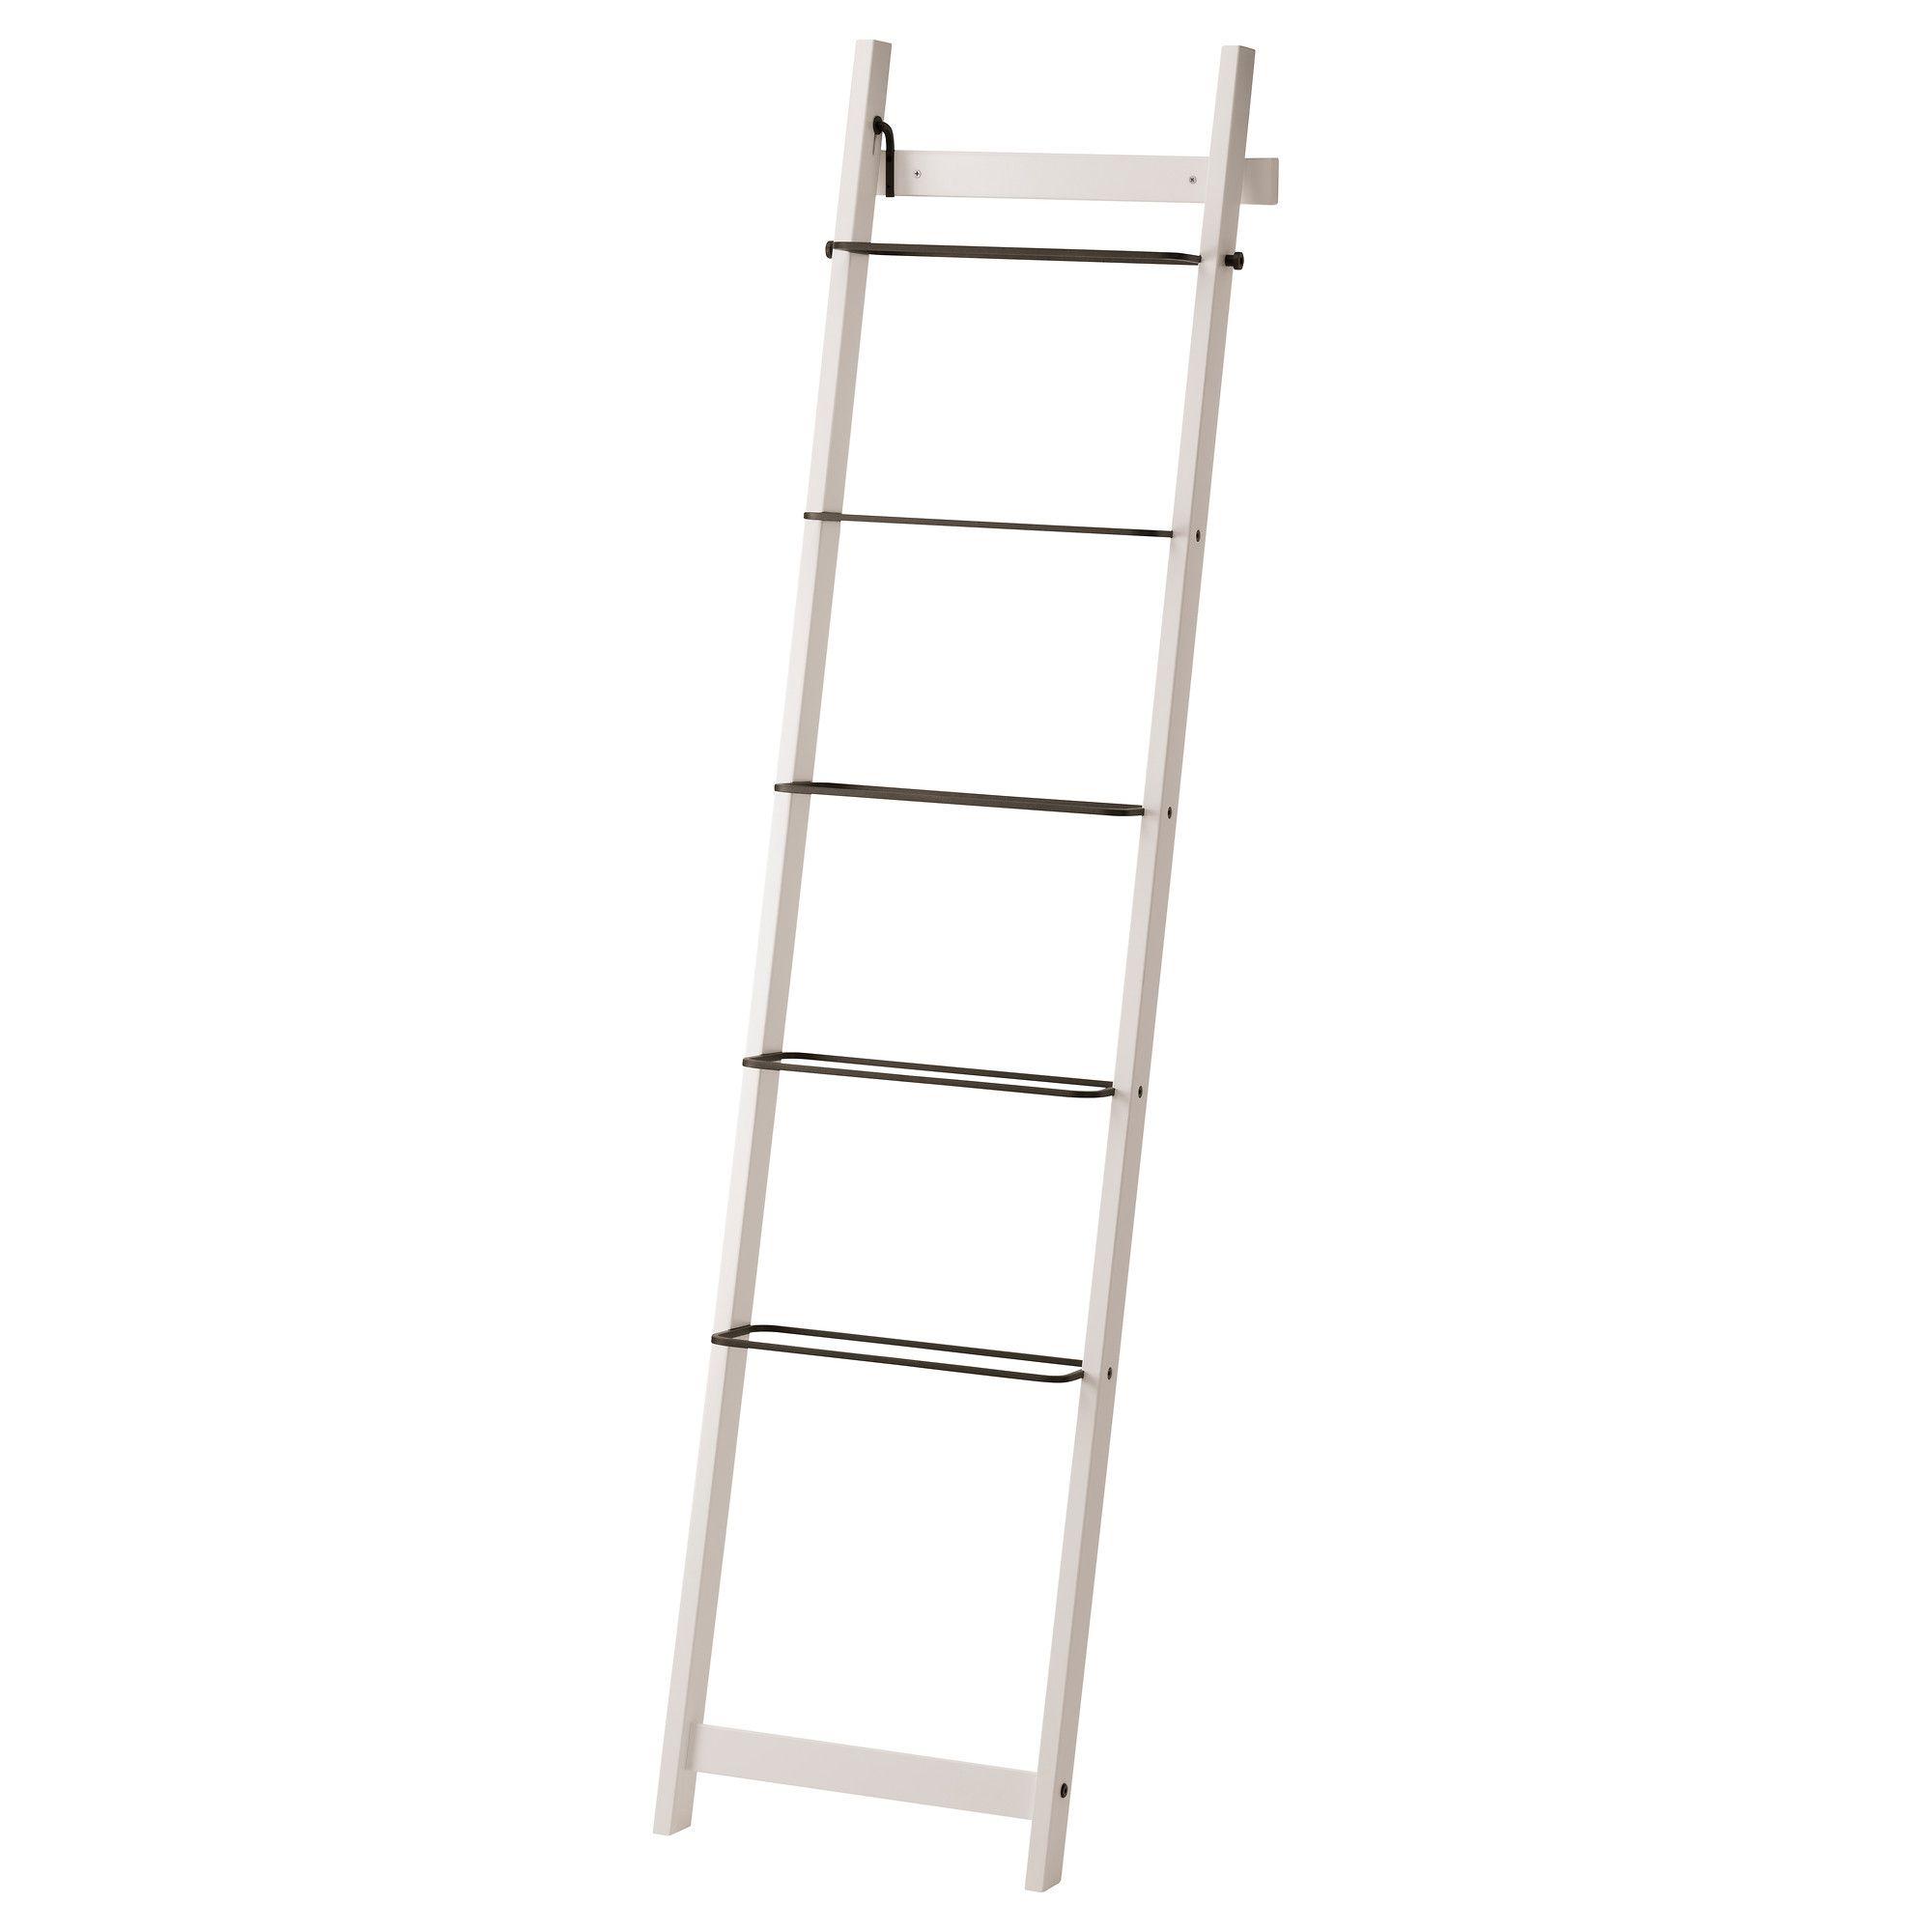 Meubles Et Accessoires Serviettes Blanches Porte Serviette Ikea